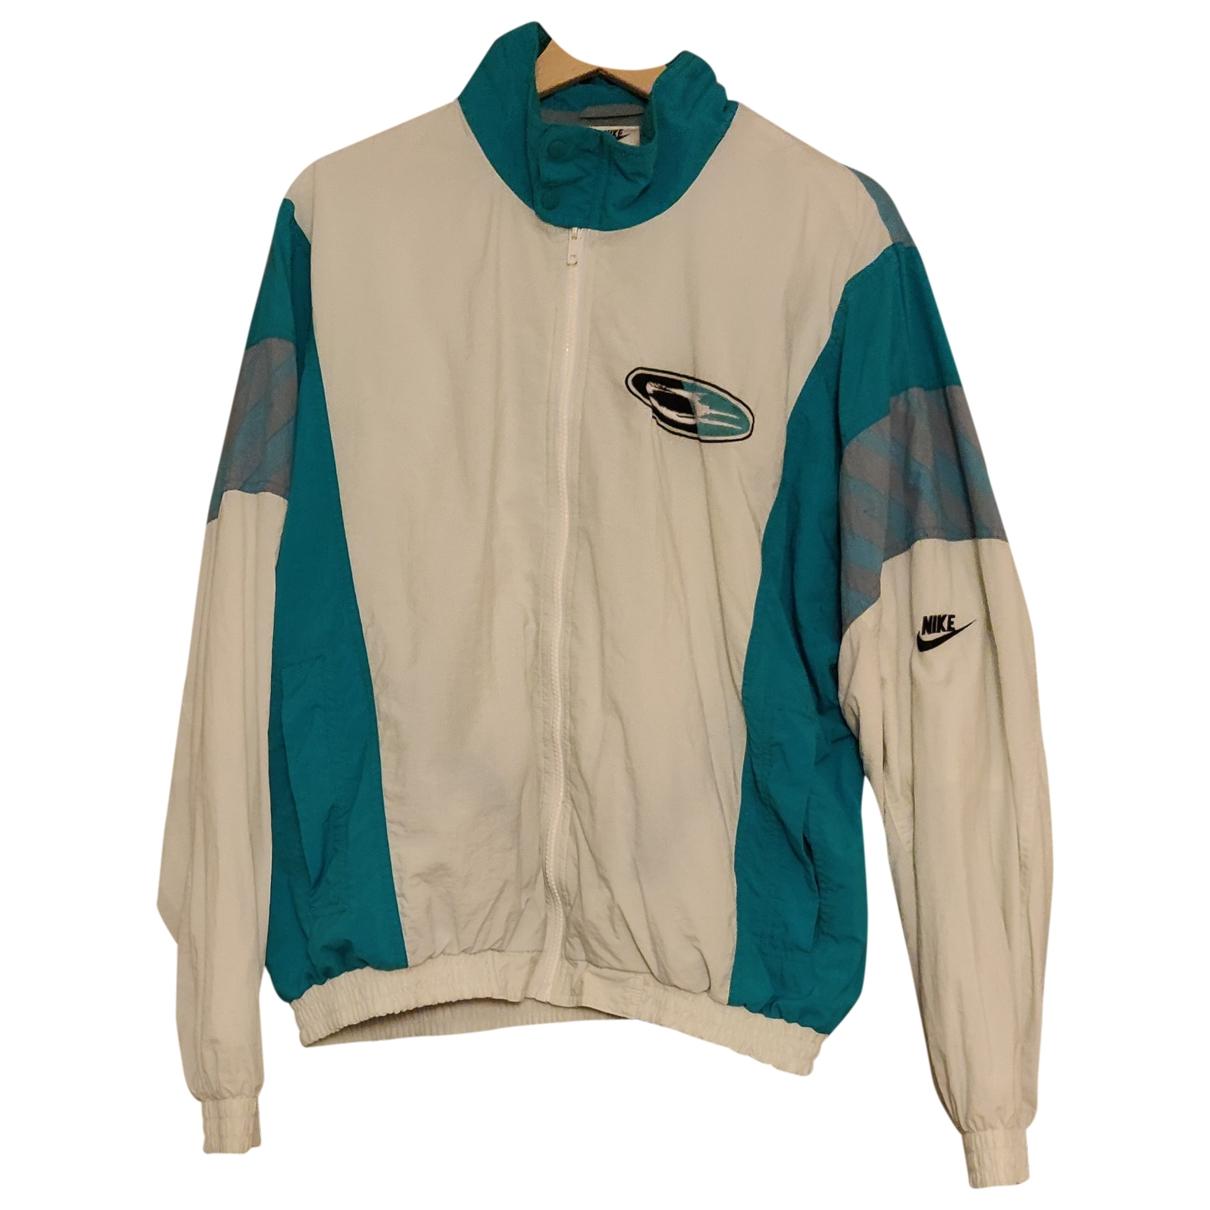 Nike \N White jacket  for Men M International